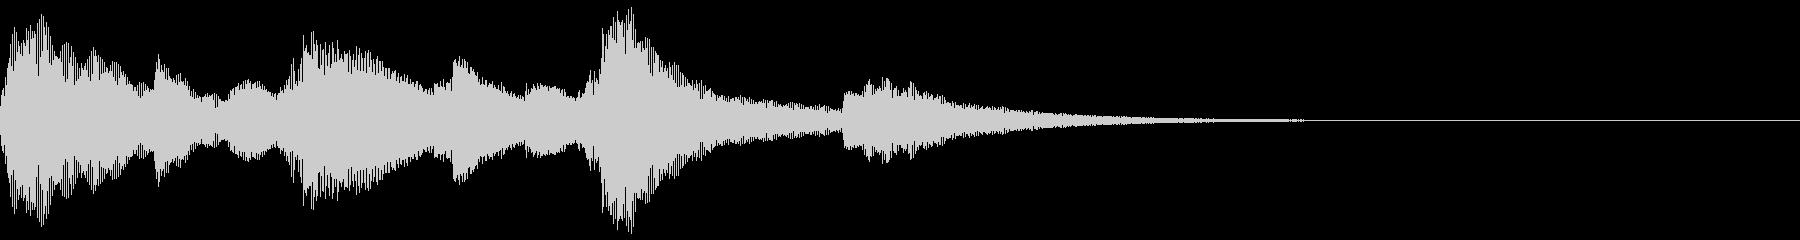 煌めくオルゴールのジングル/サウンドロゴの未再生の波形